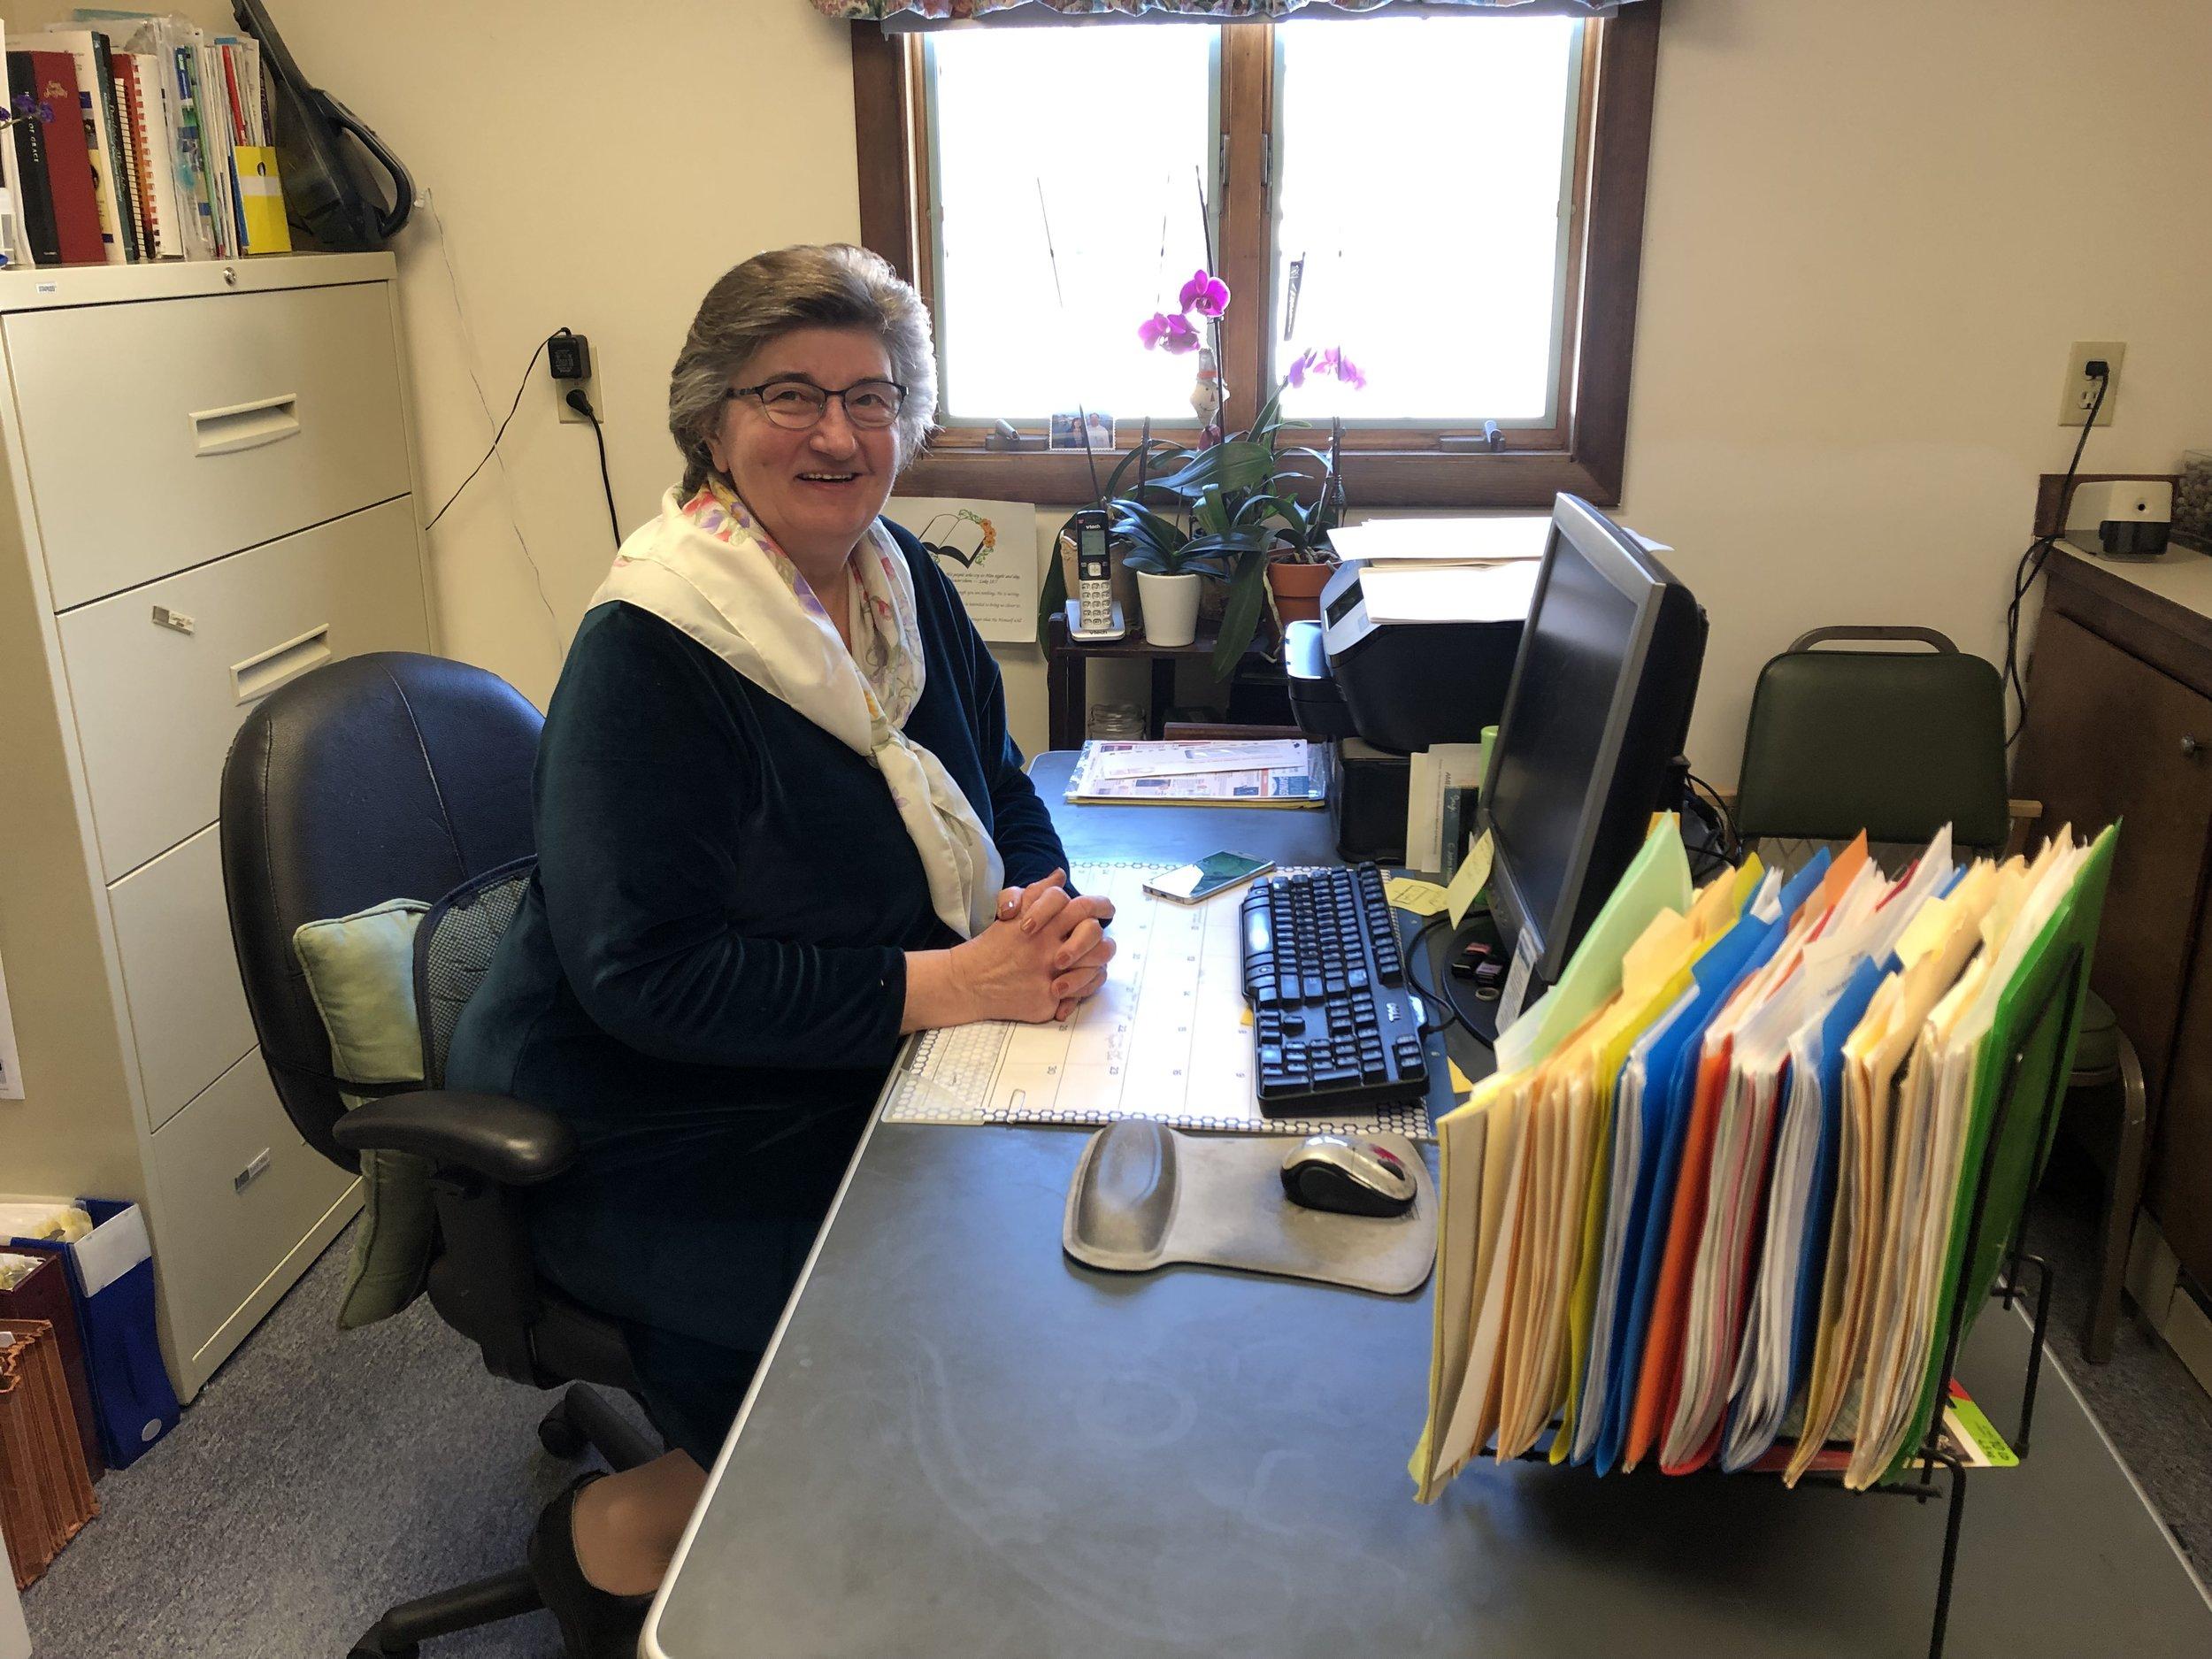 Sharon Shaw, Secretuary at West Rockport Baptist Church